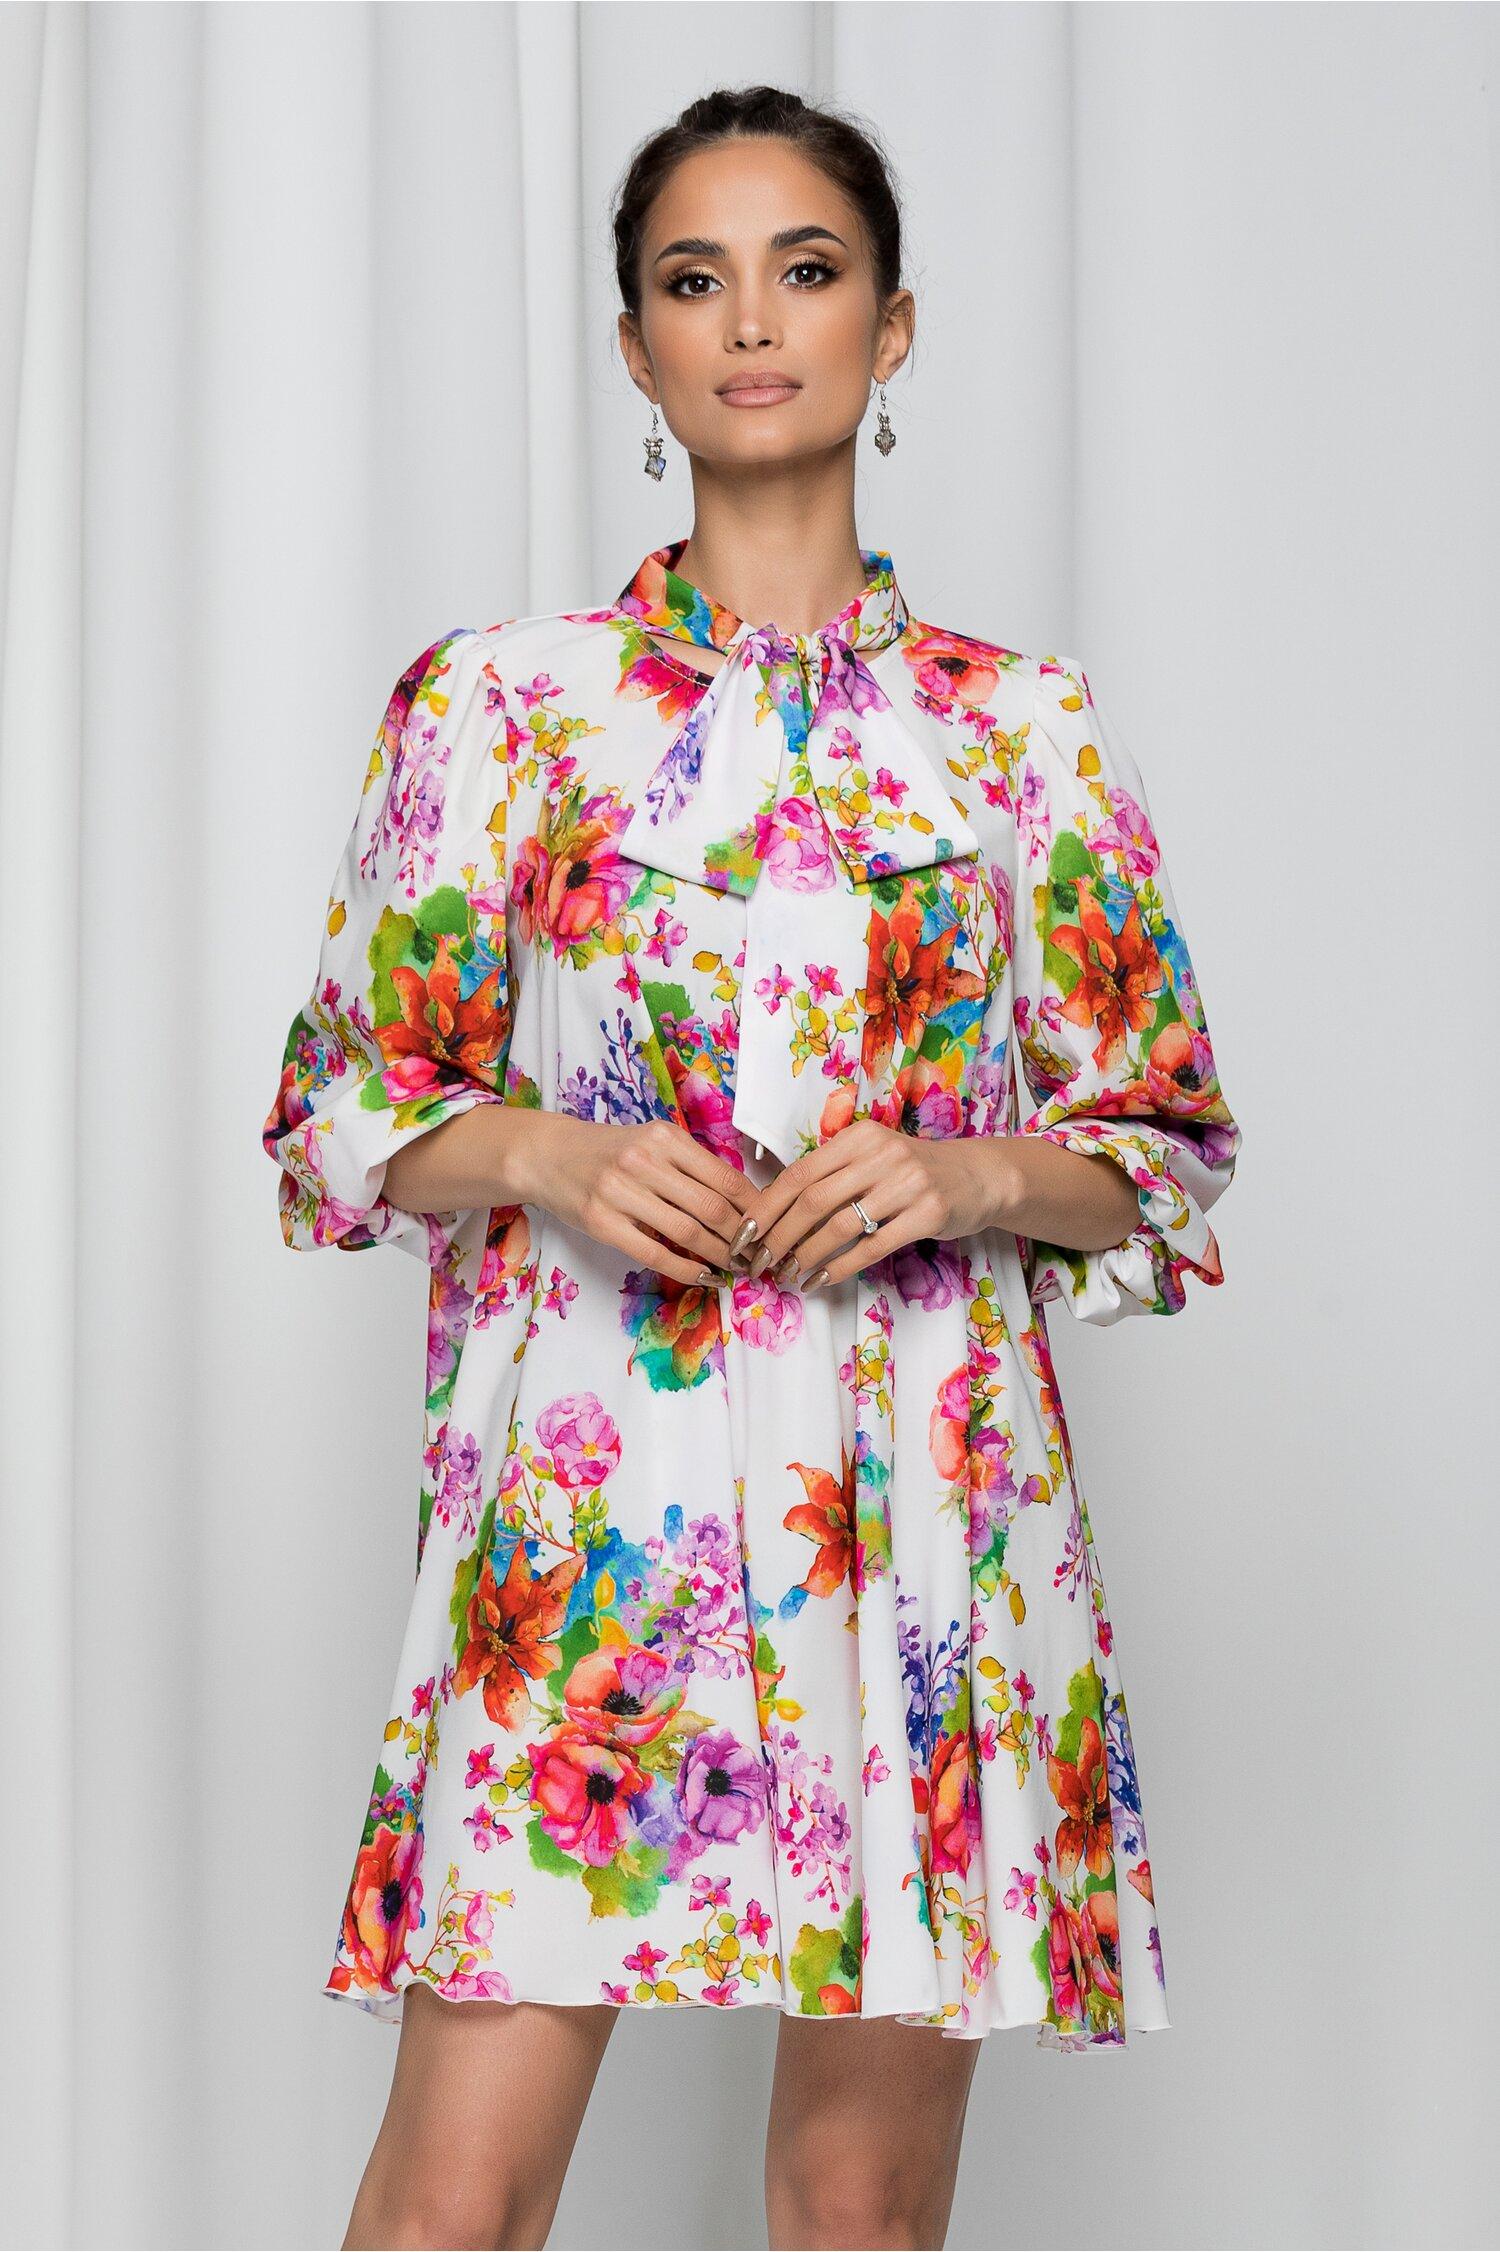 Rochie Mikaela alba cu guler tip esarfa si imprimeu floral rosu